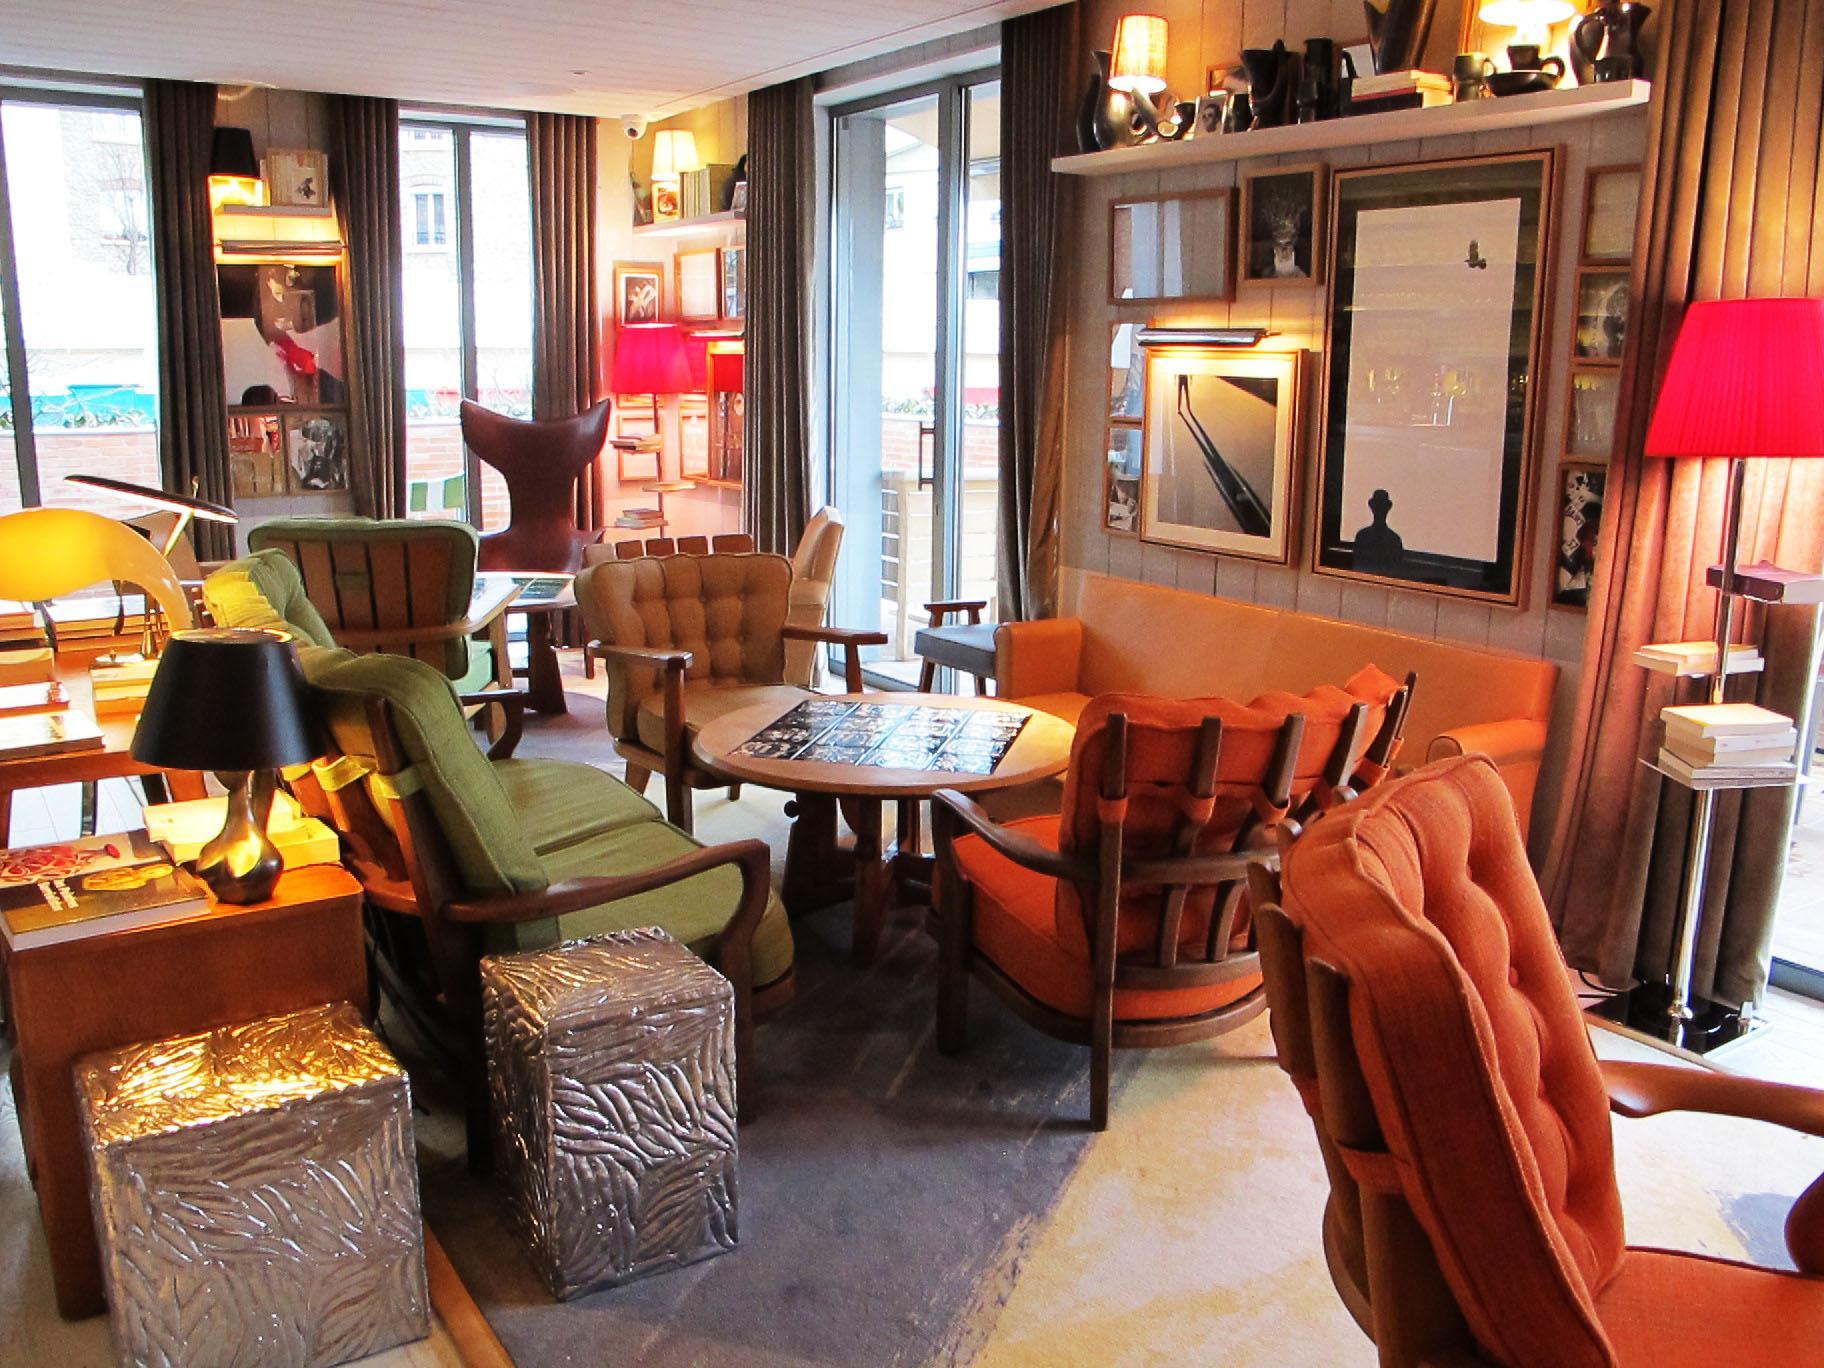 Visite d co restaurant ma cocotte paperblog - Ma cocotte restaurant paris ...